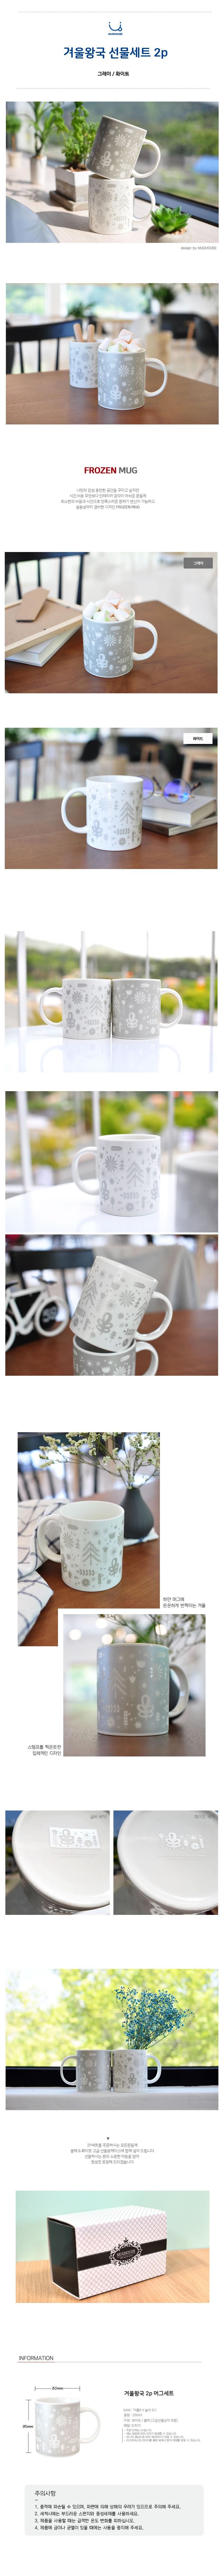 2p 겨울왕국머그세트(그레이 화이트) - 머그하우스, 17,800원, 머그컵, 머그컵 세트